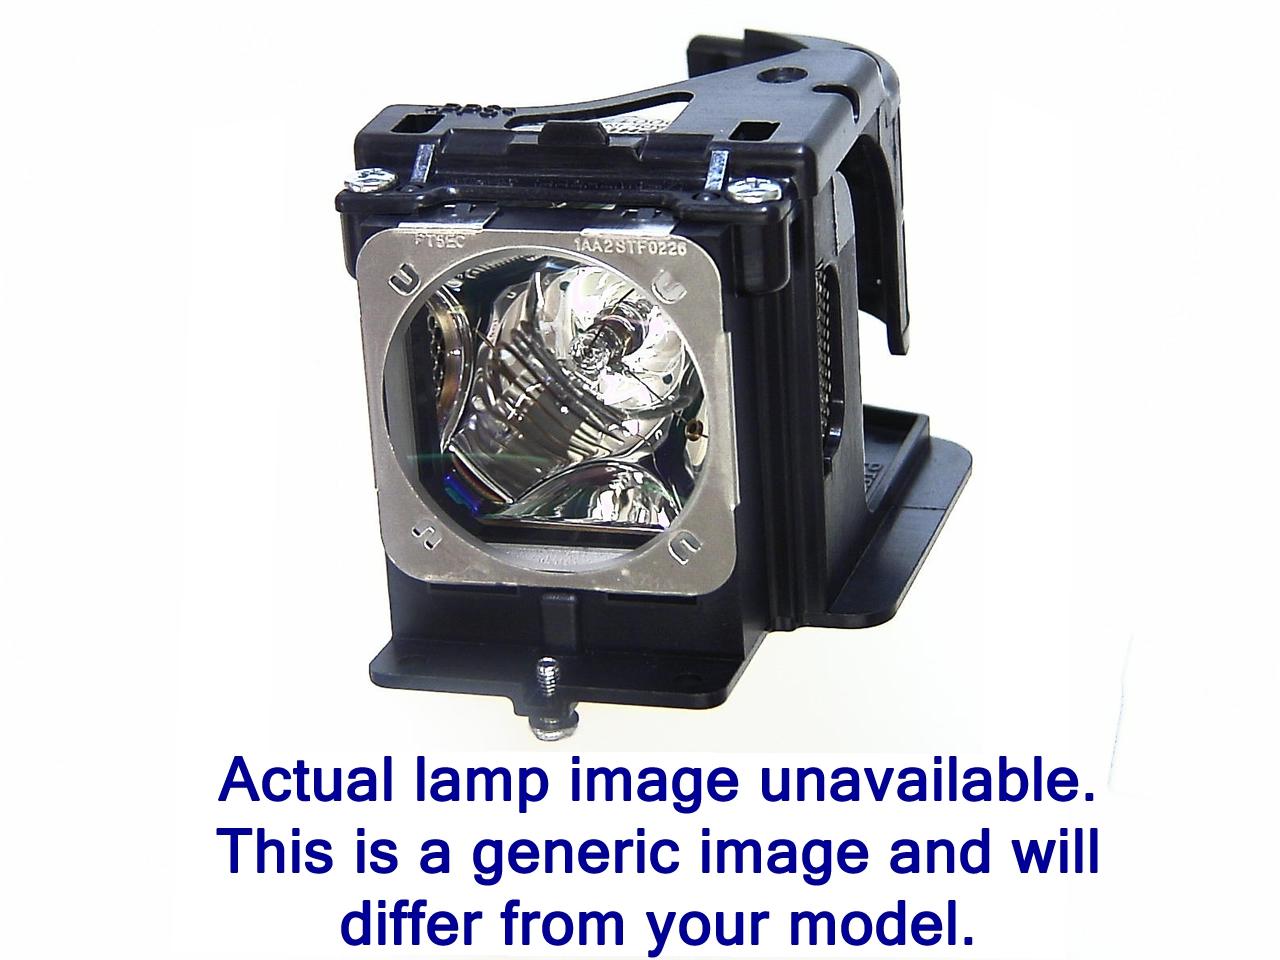 Smart Lámpara For PANASONIC PT-40LC12 TV Retroproyección.